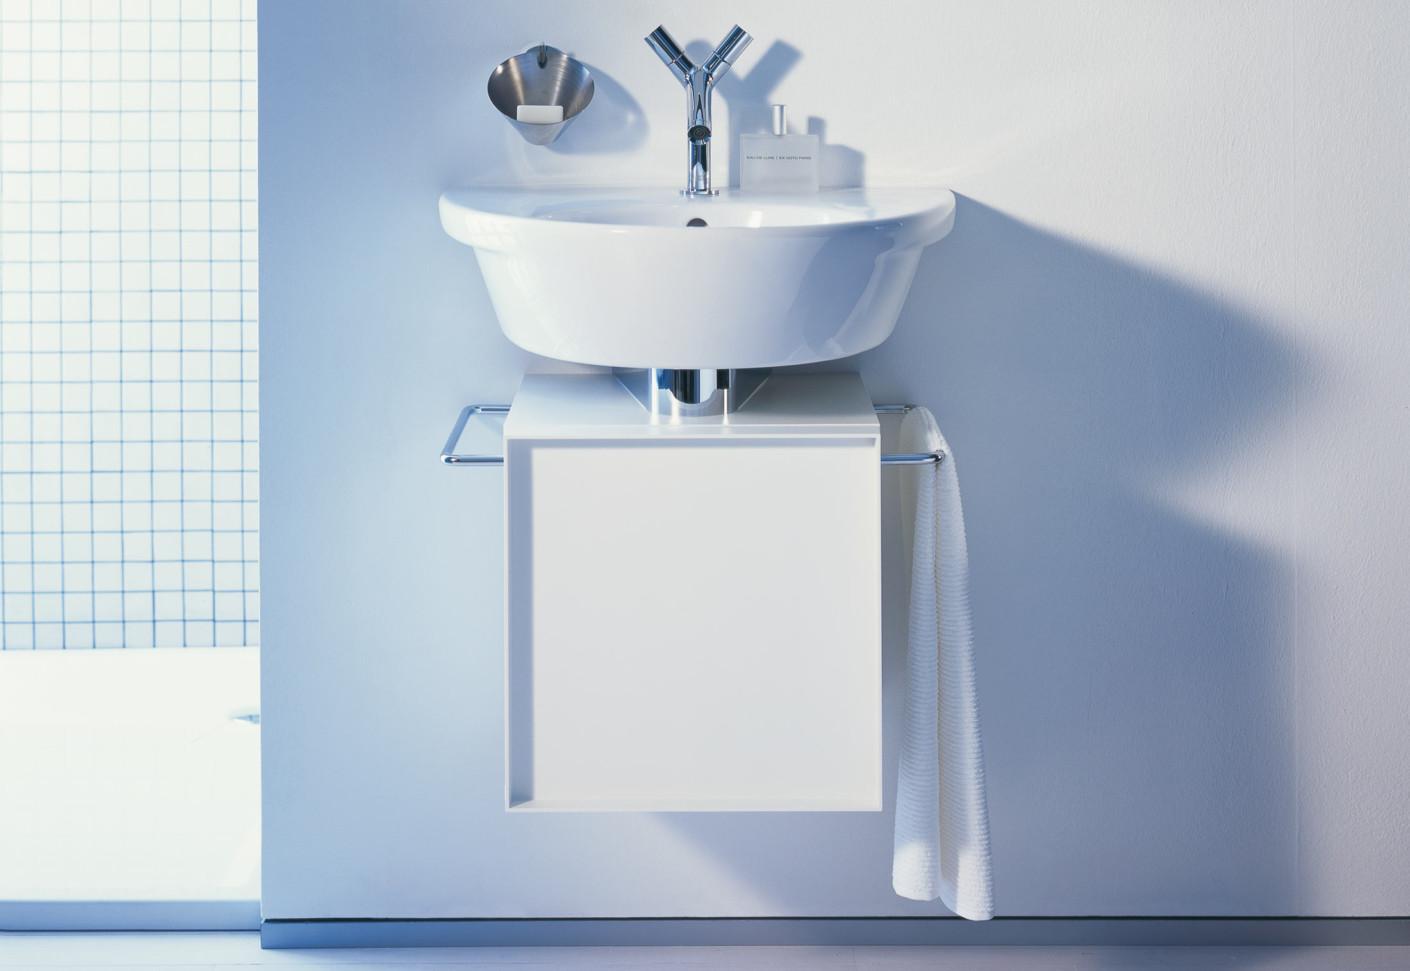 starck 1 2 3 waschtischunterbau klein von duravit stylepark. Black Bedroom Furniture Sets. Home Design Ideas